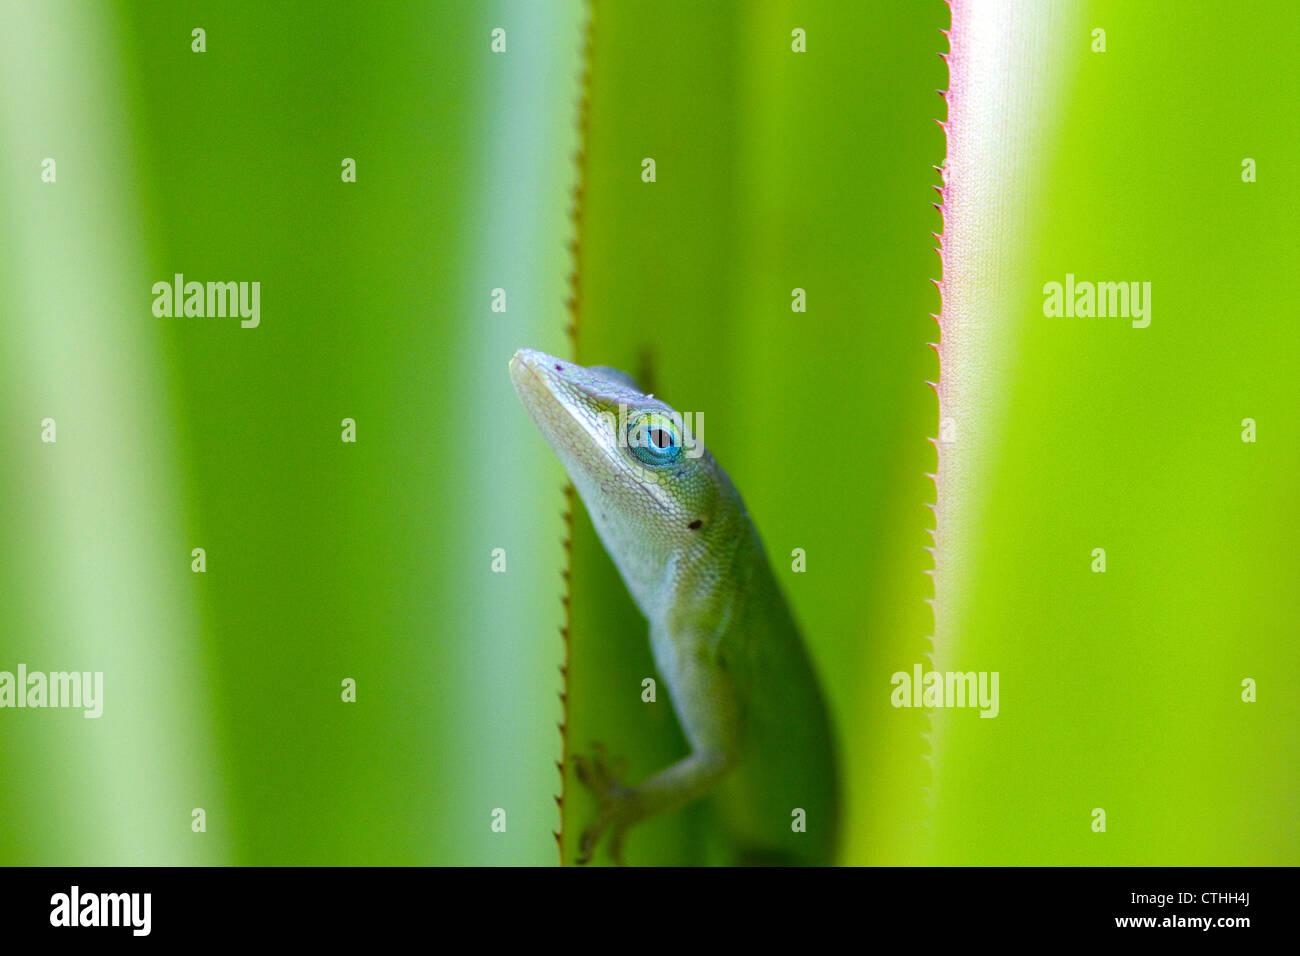 Anole verde es un lagarto arborícola localizado en la isla de Kauai, Hawaii, USA. Foto de stock